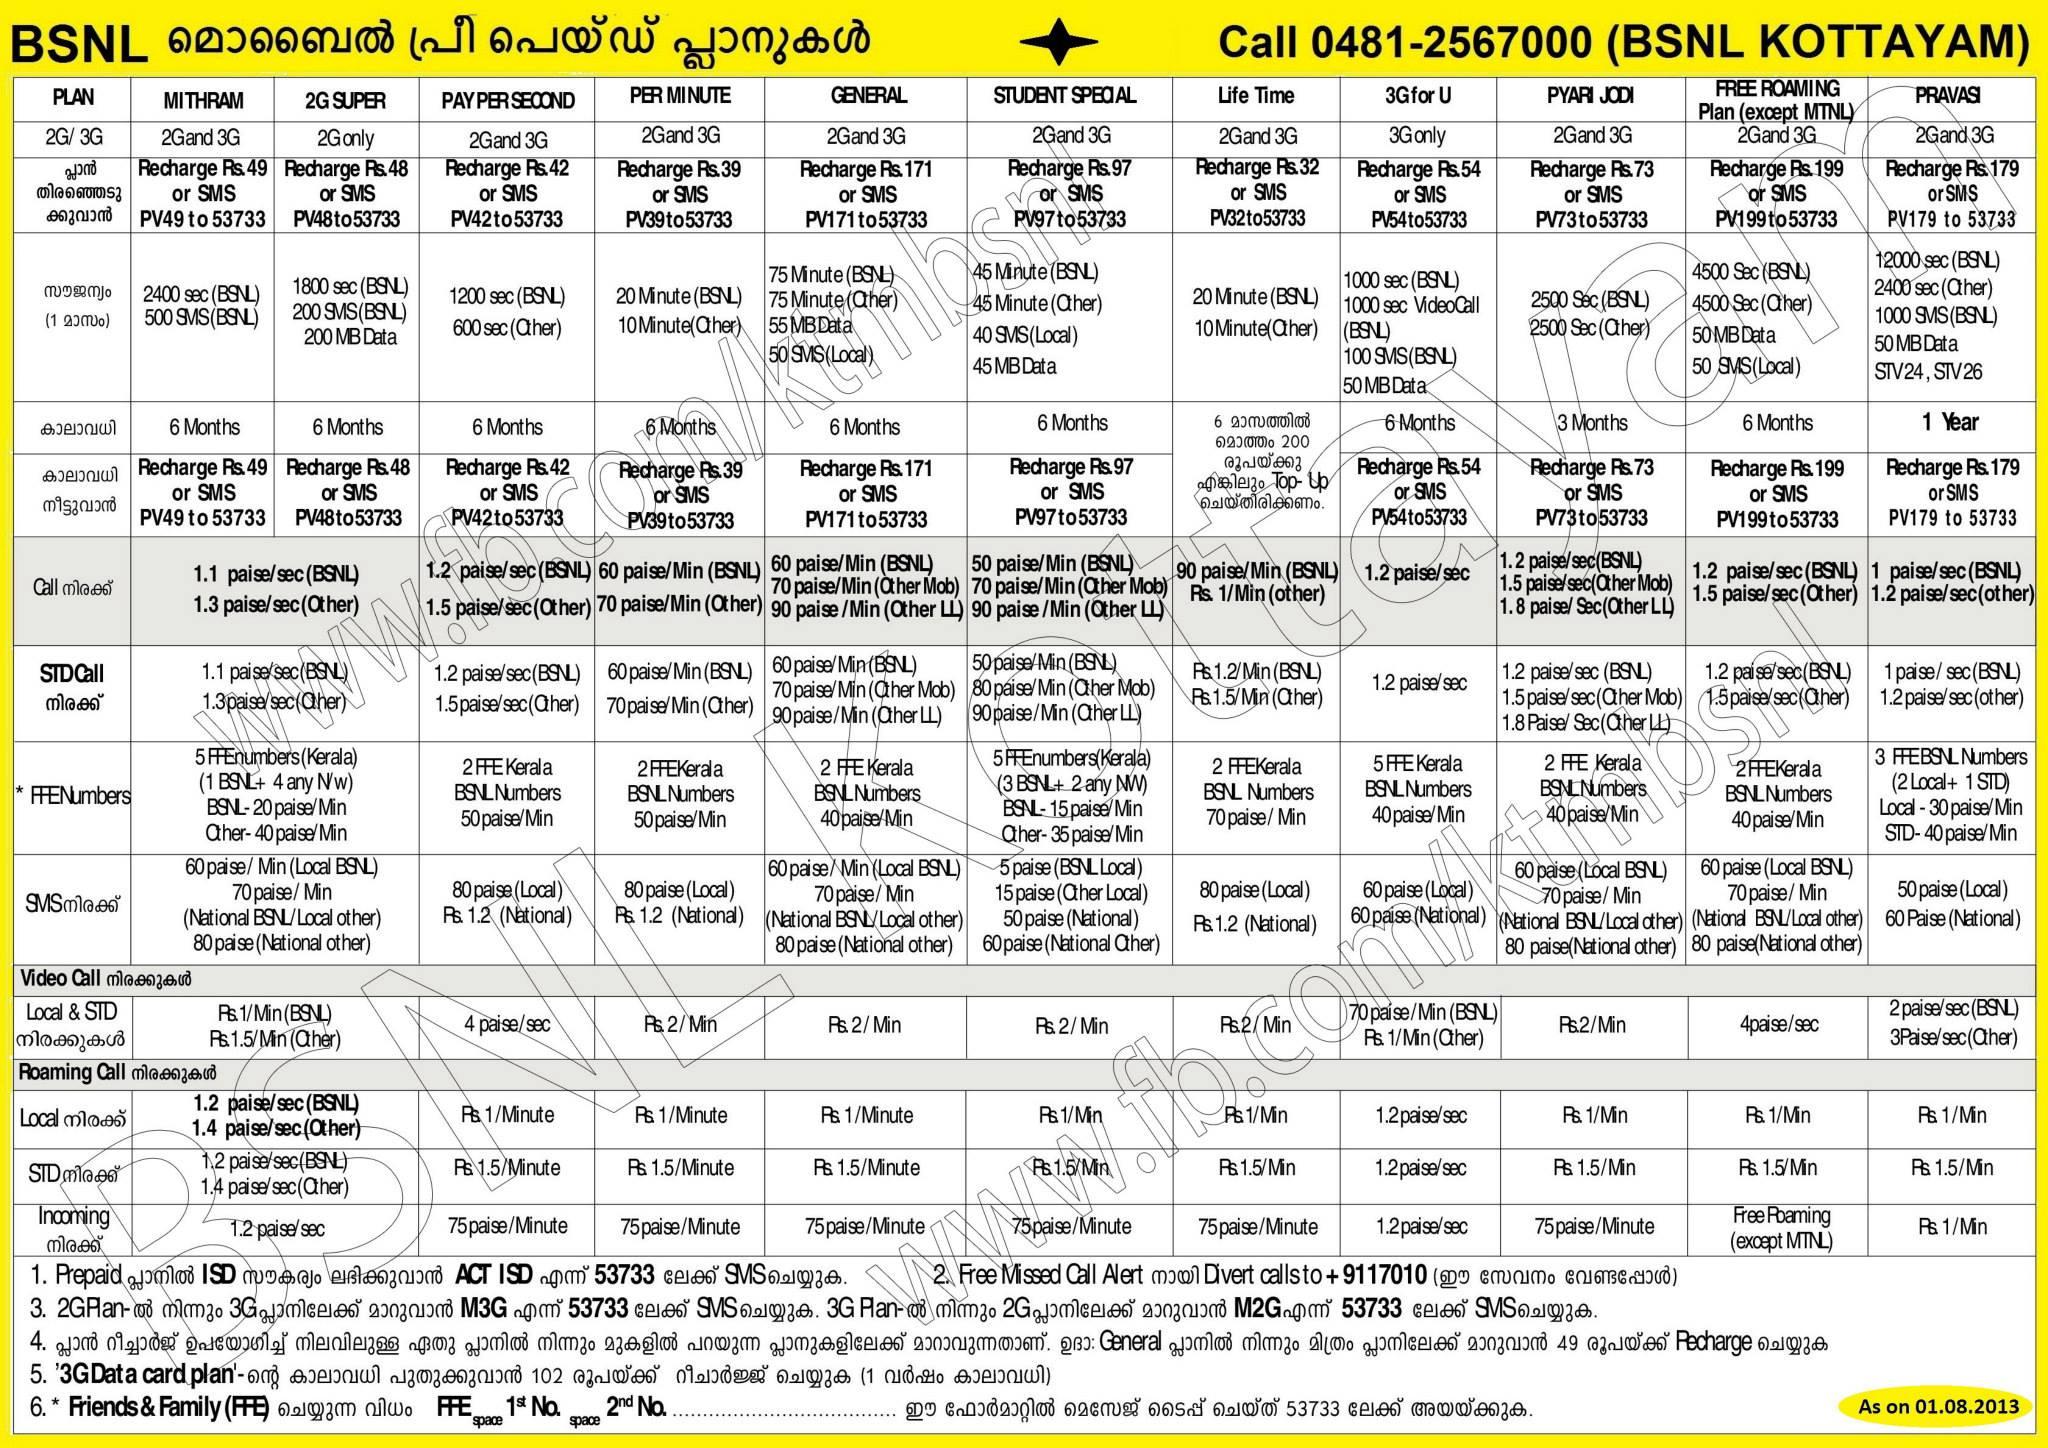 bsnl-kerala-tariff-aug2013